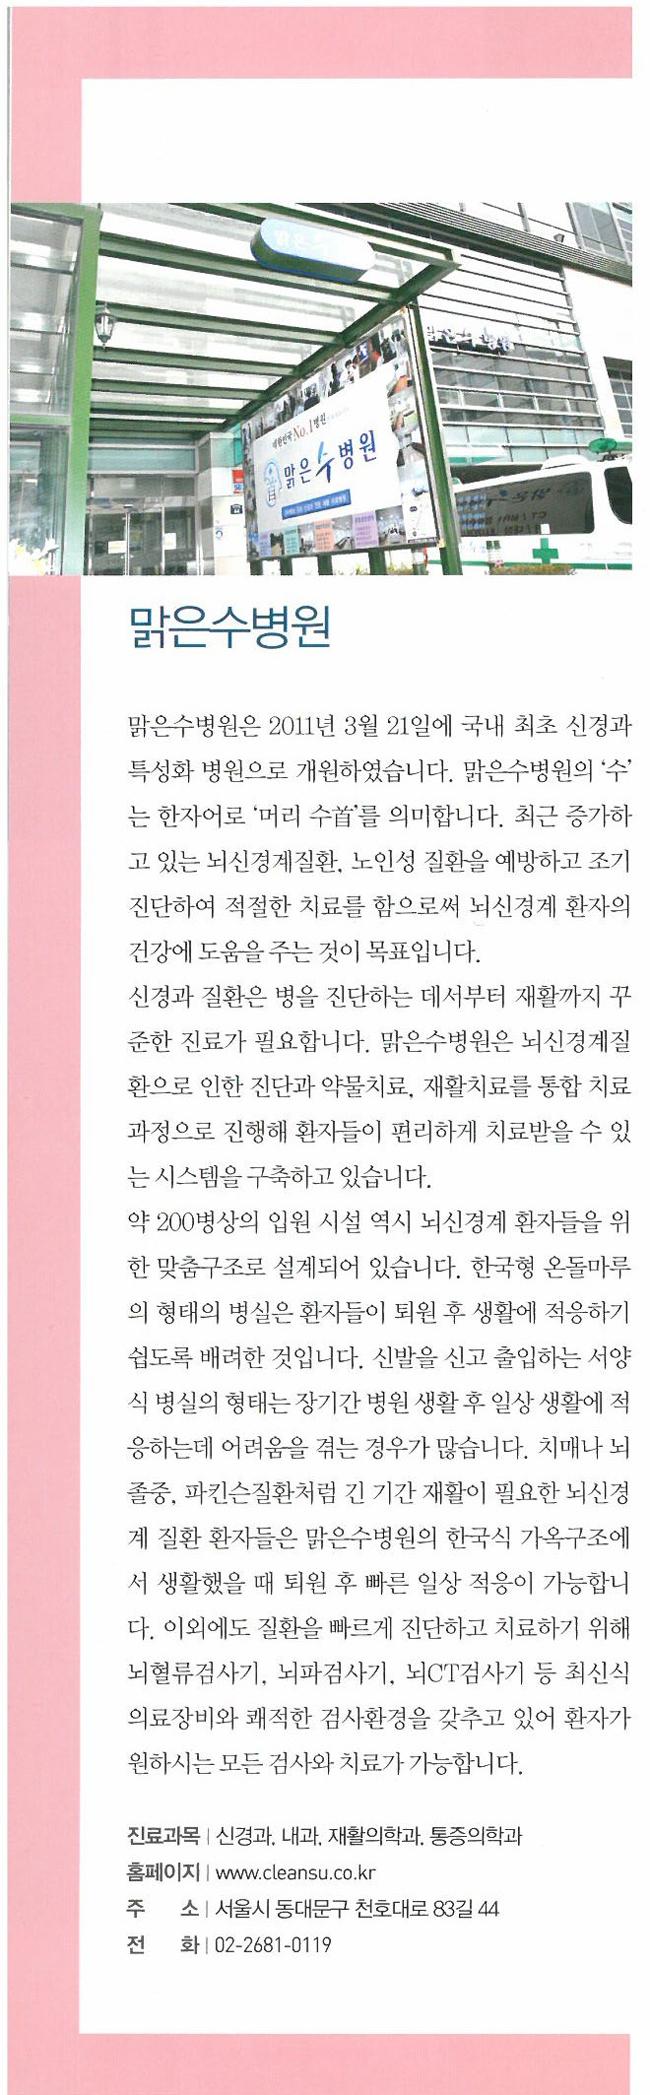 [차병원 사보 1월호] 협력병원